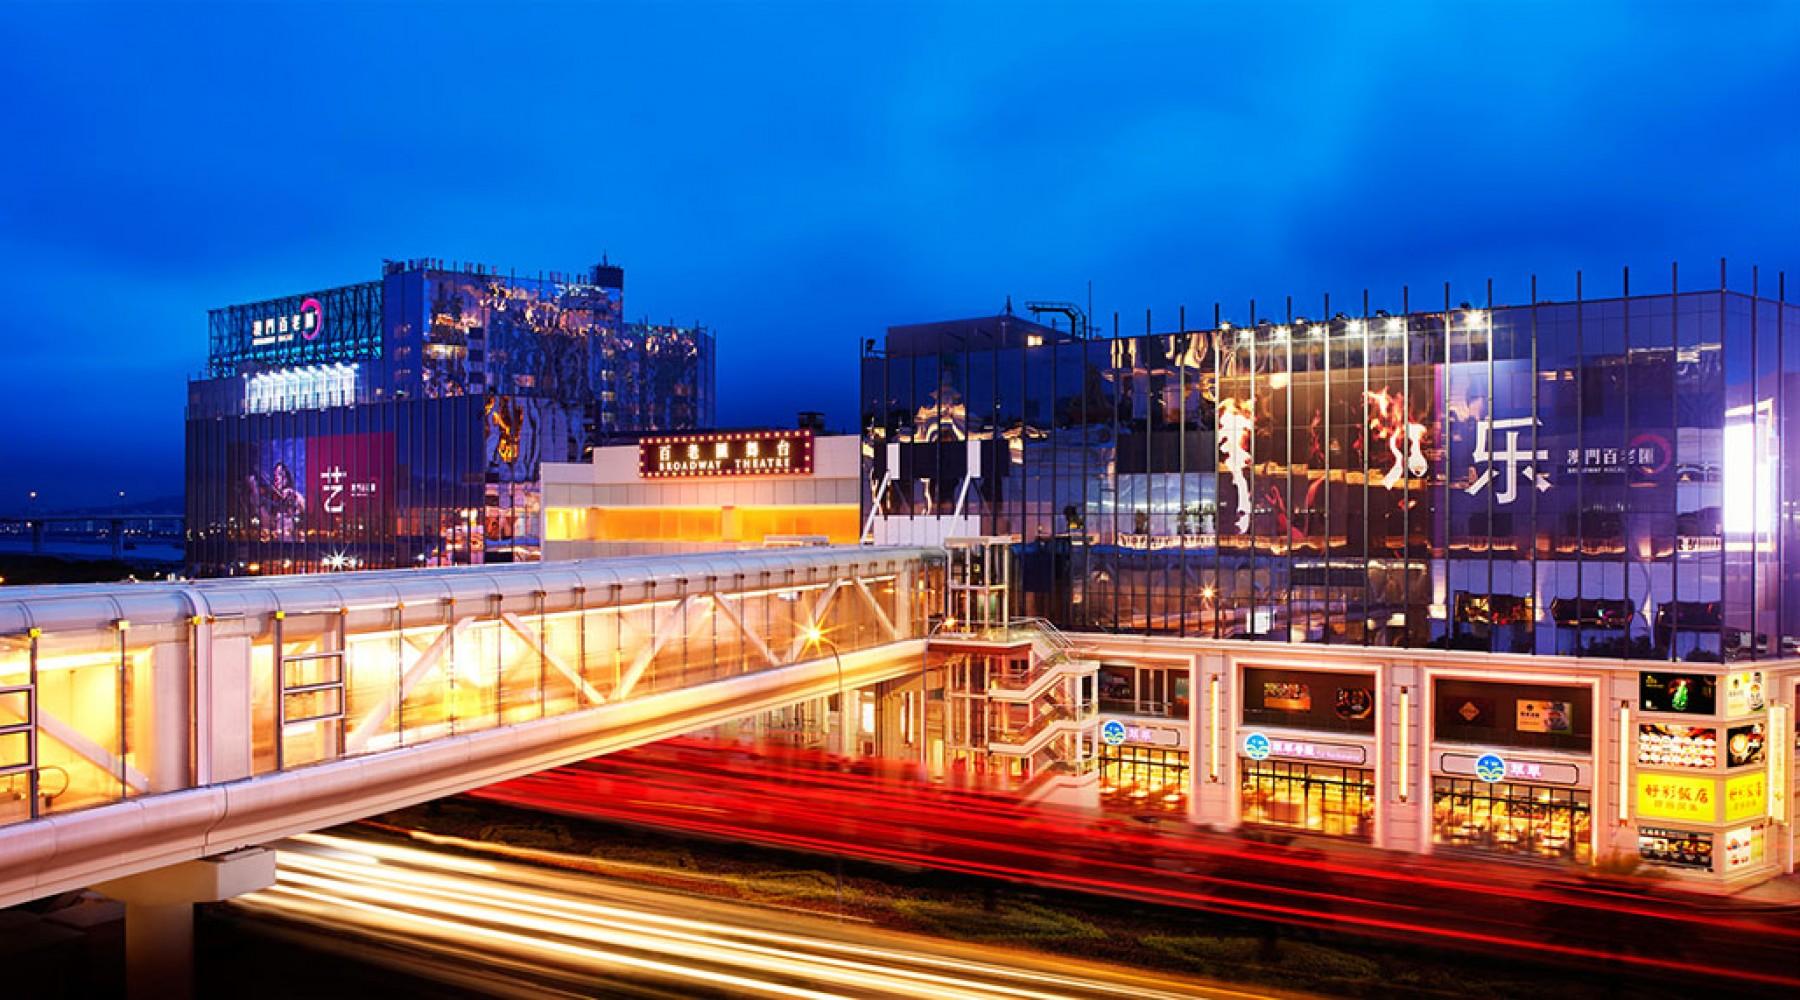 澳门银河」澳门银河」综合渡假城是区内最优质的渡假胜地之一